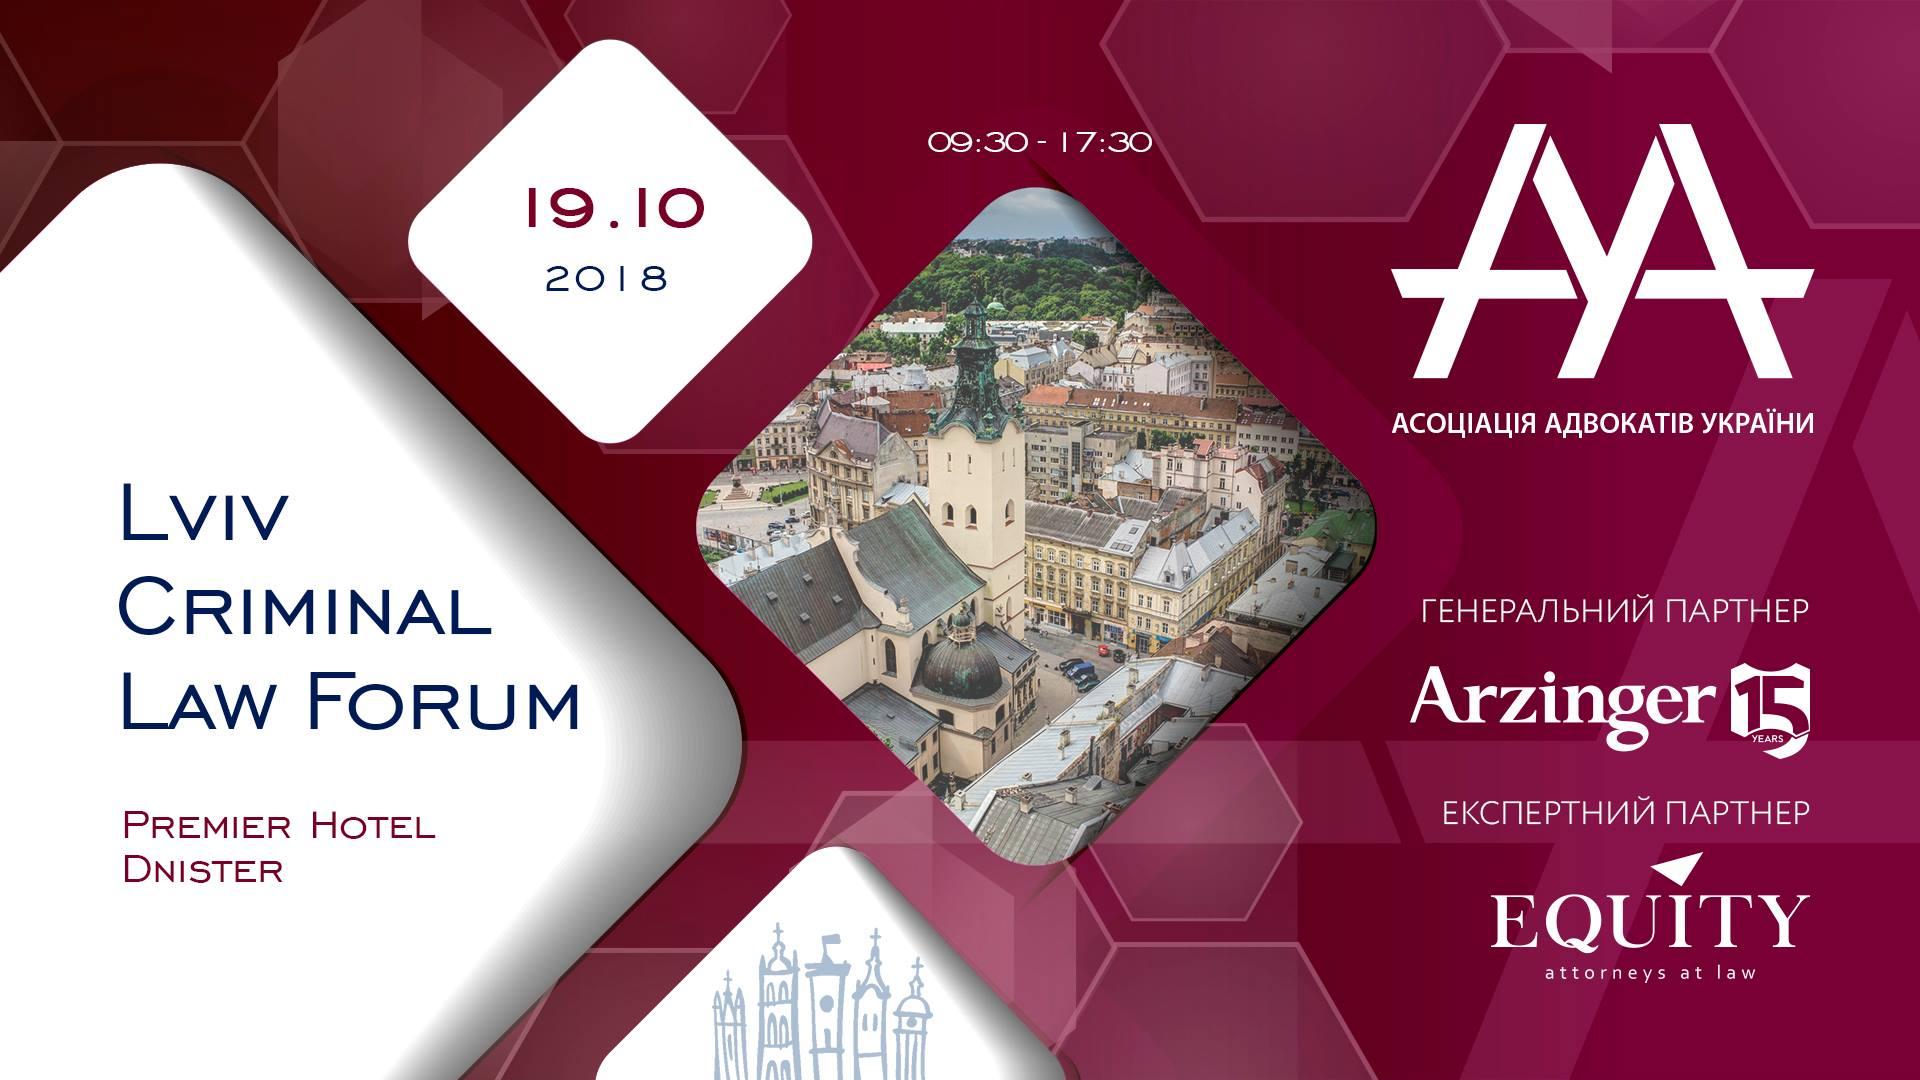 """<span class=""""equity"""">EQUITY</span> выступит Экспертным партнером Lviv Criminal Law Forum!"""